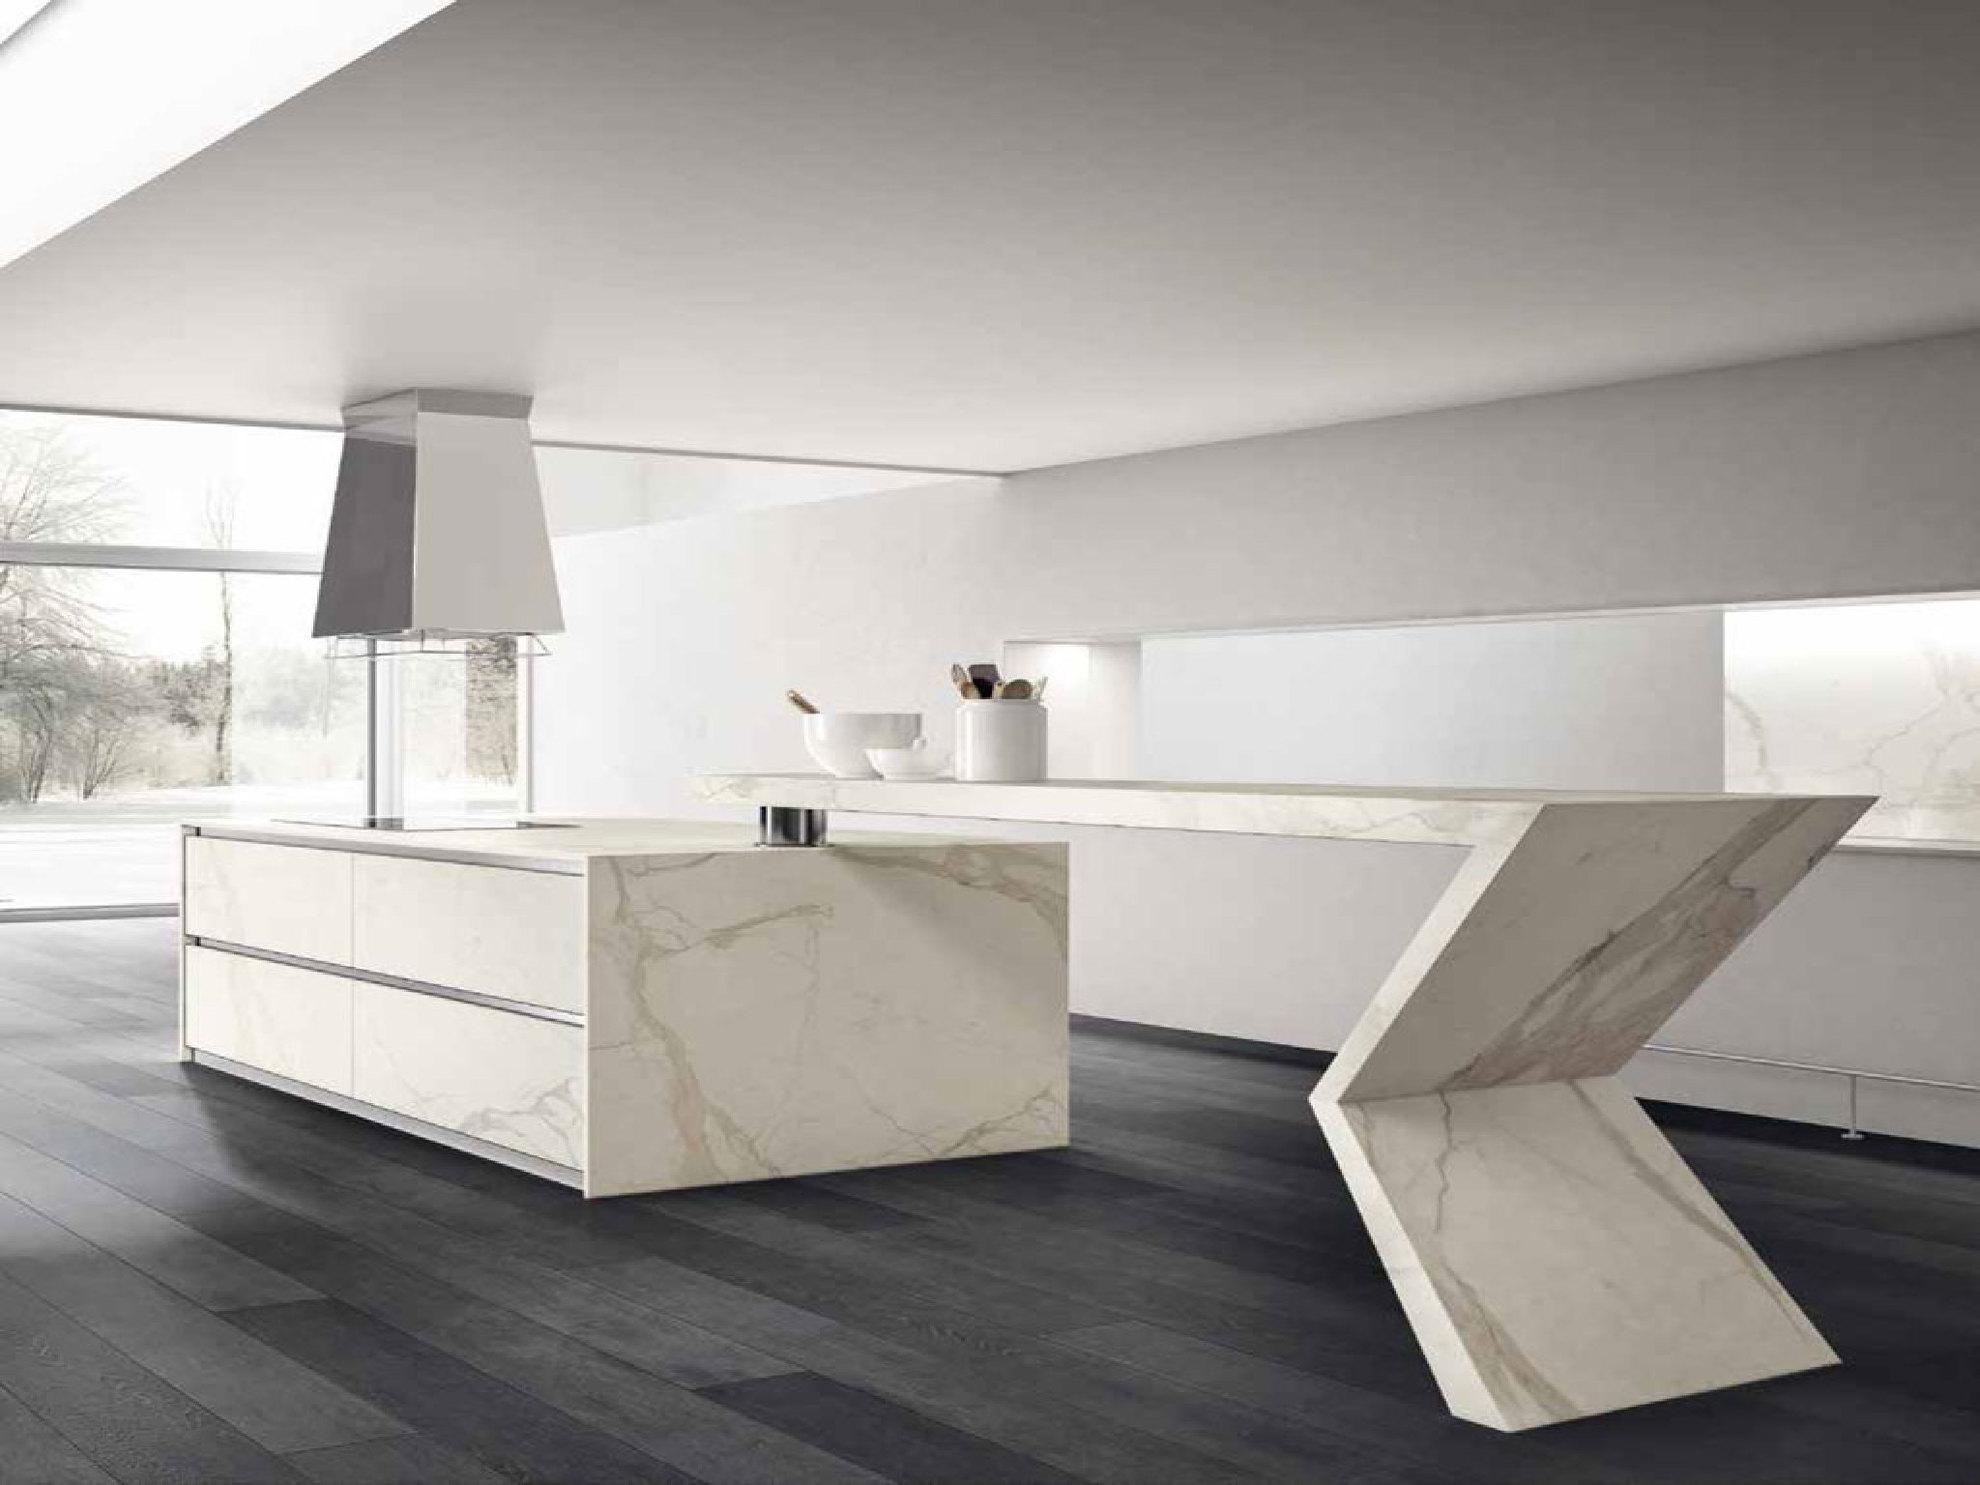 Tradizione e modernita delle piastrelle fmg effetto marmo